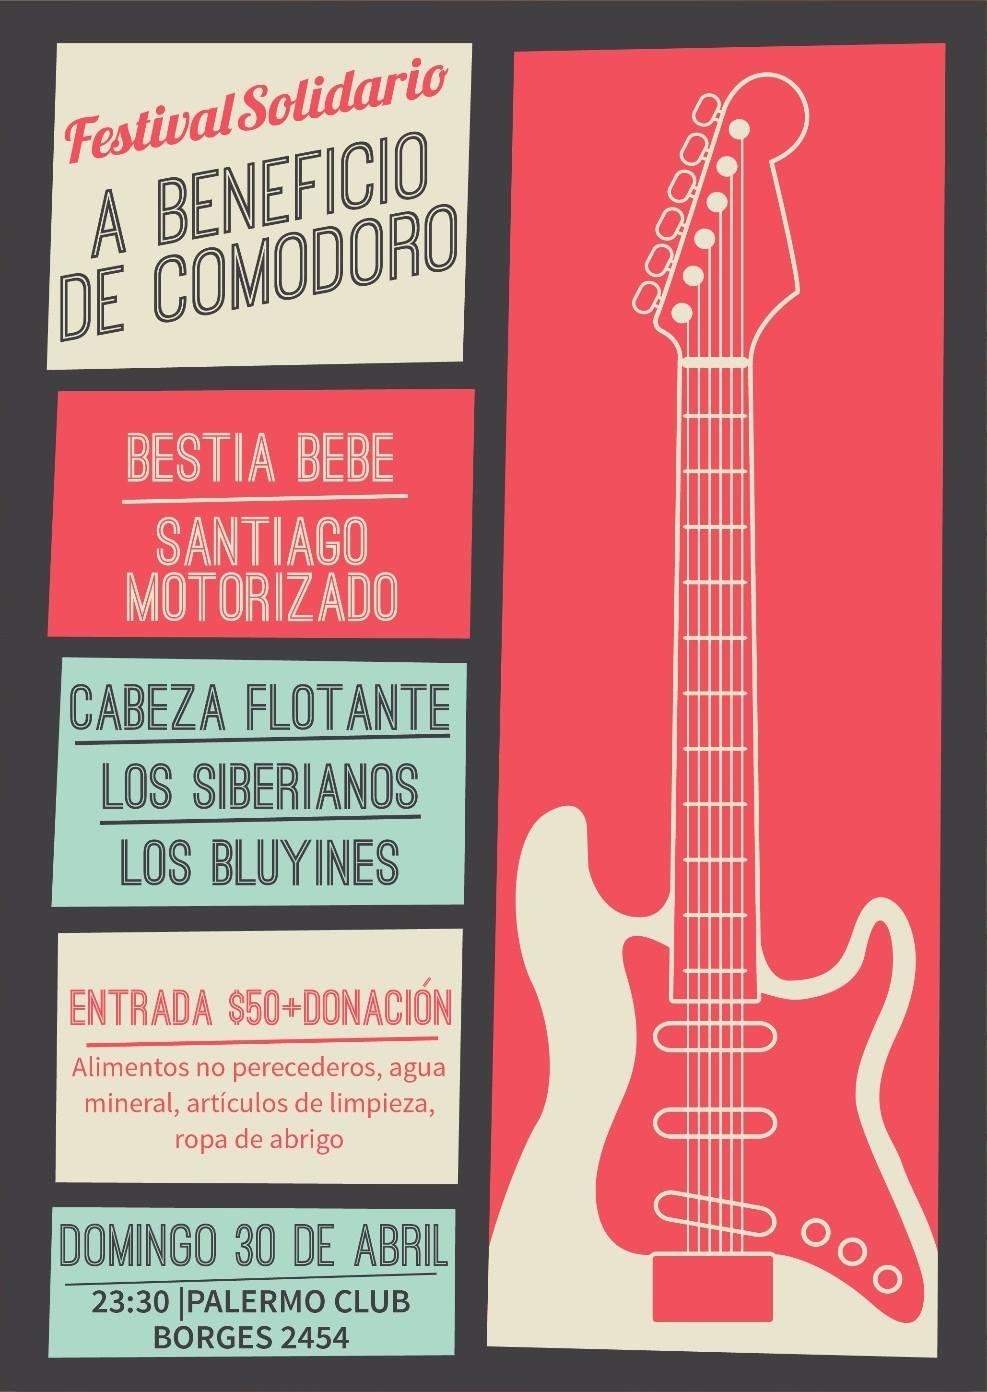 Los festivales a beneficio de los inundados en Comodoro Rivadavia